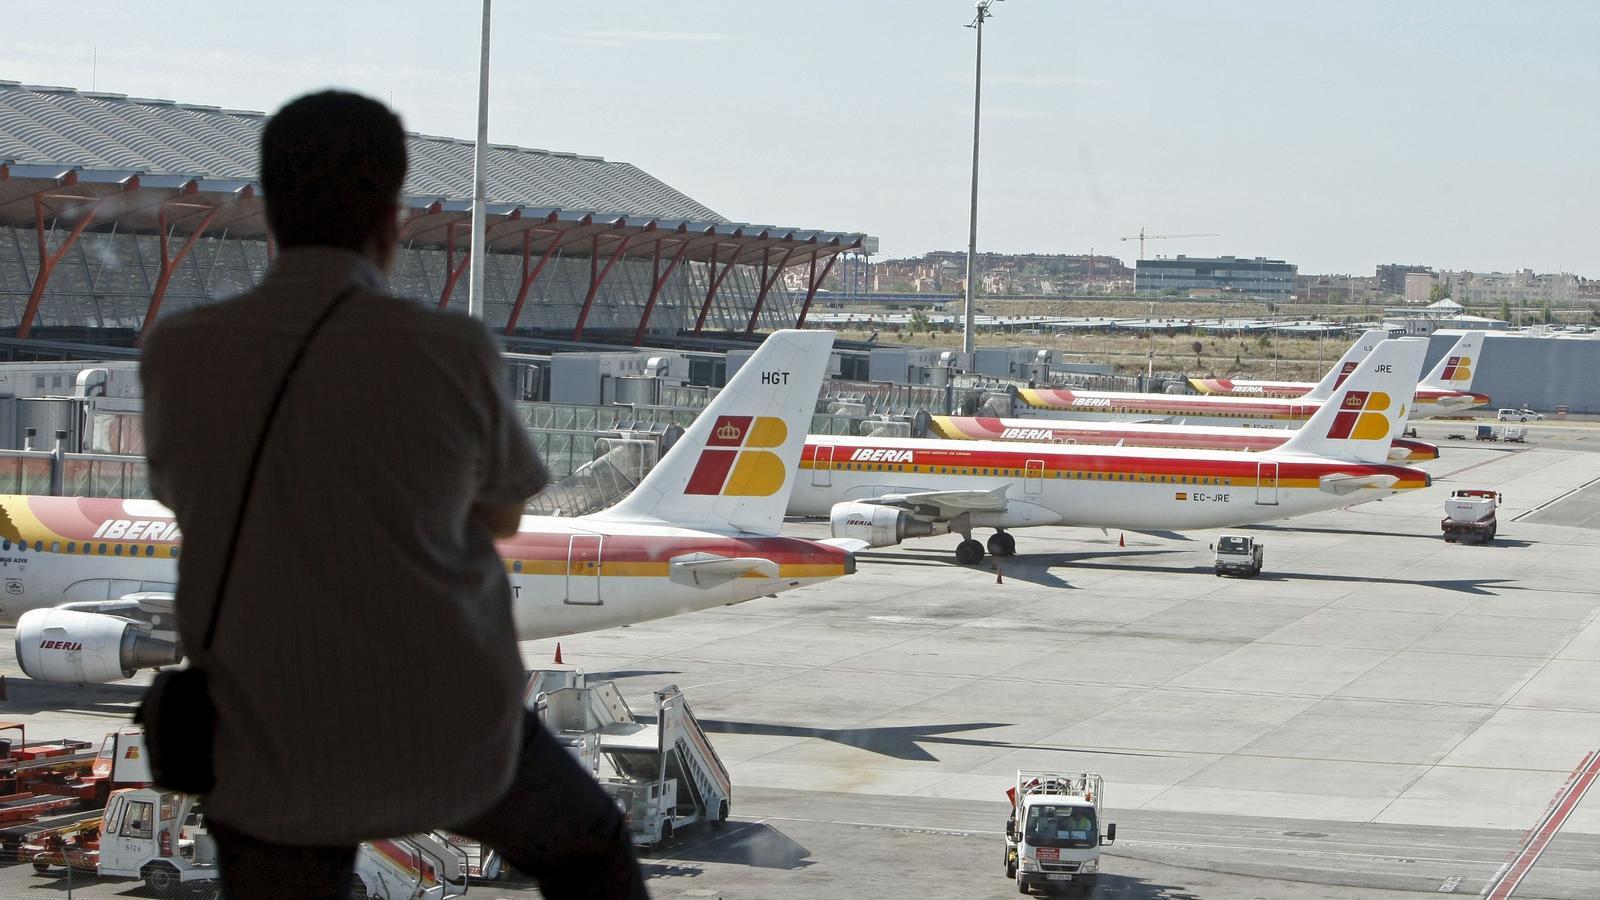 El sindical Sepla assegura que Iberia incompleix el conveni creant una empresa en què segregarà l'activitat de curt i mitjà radi.